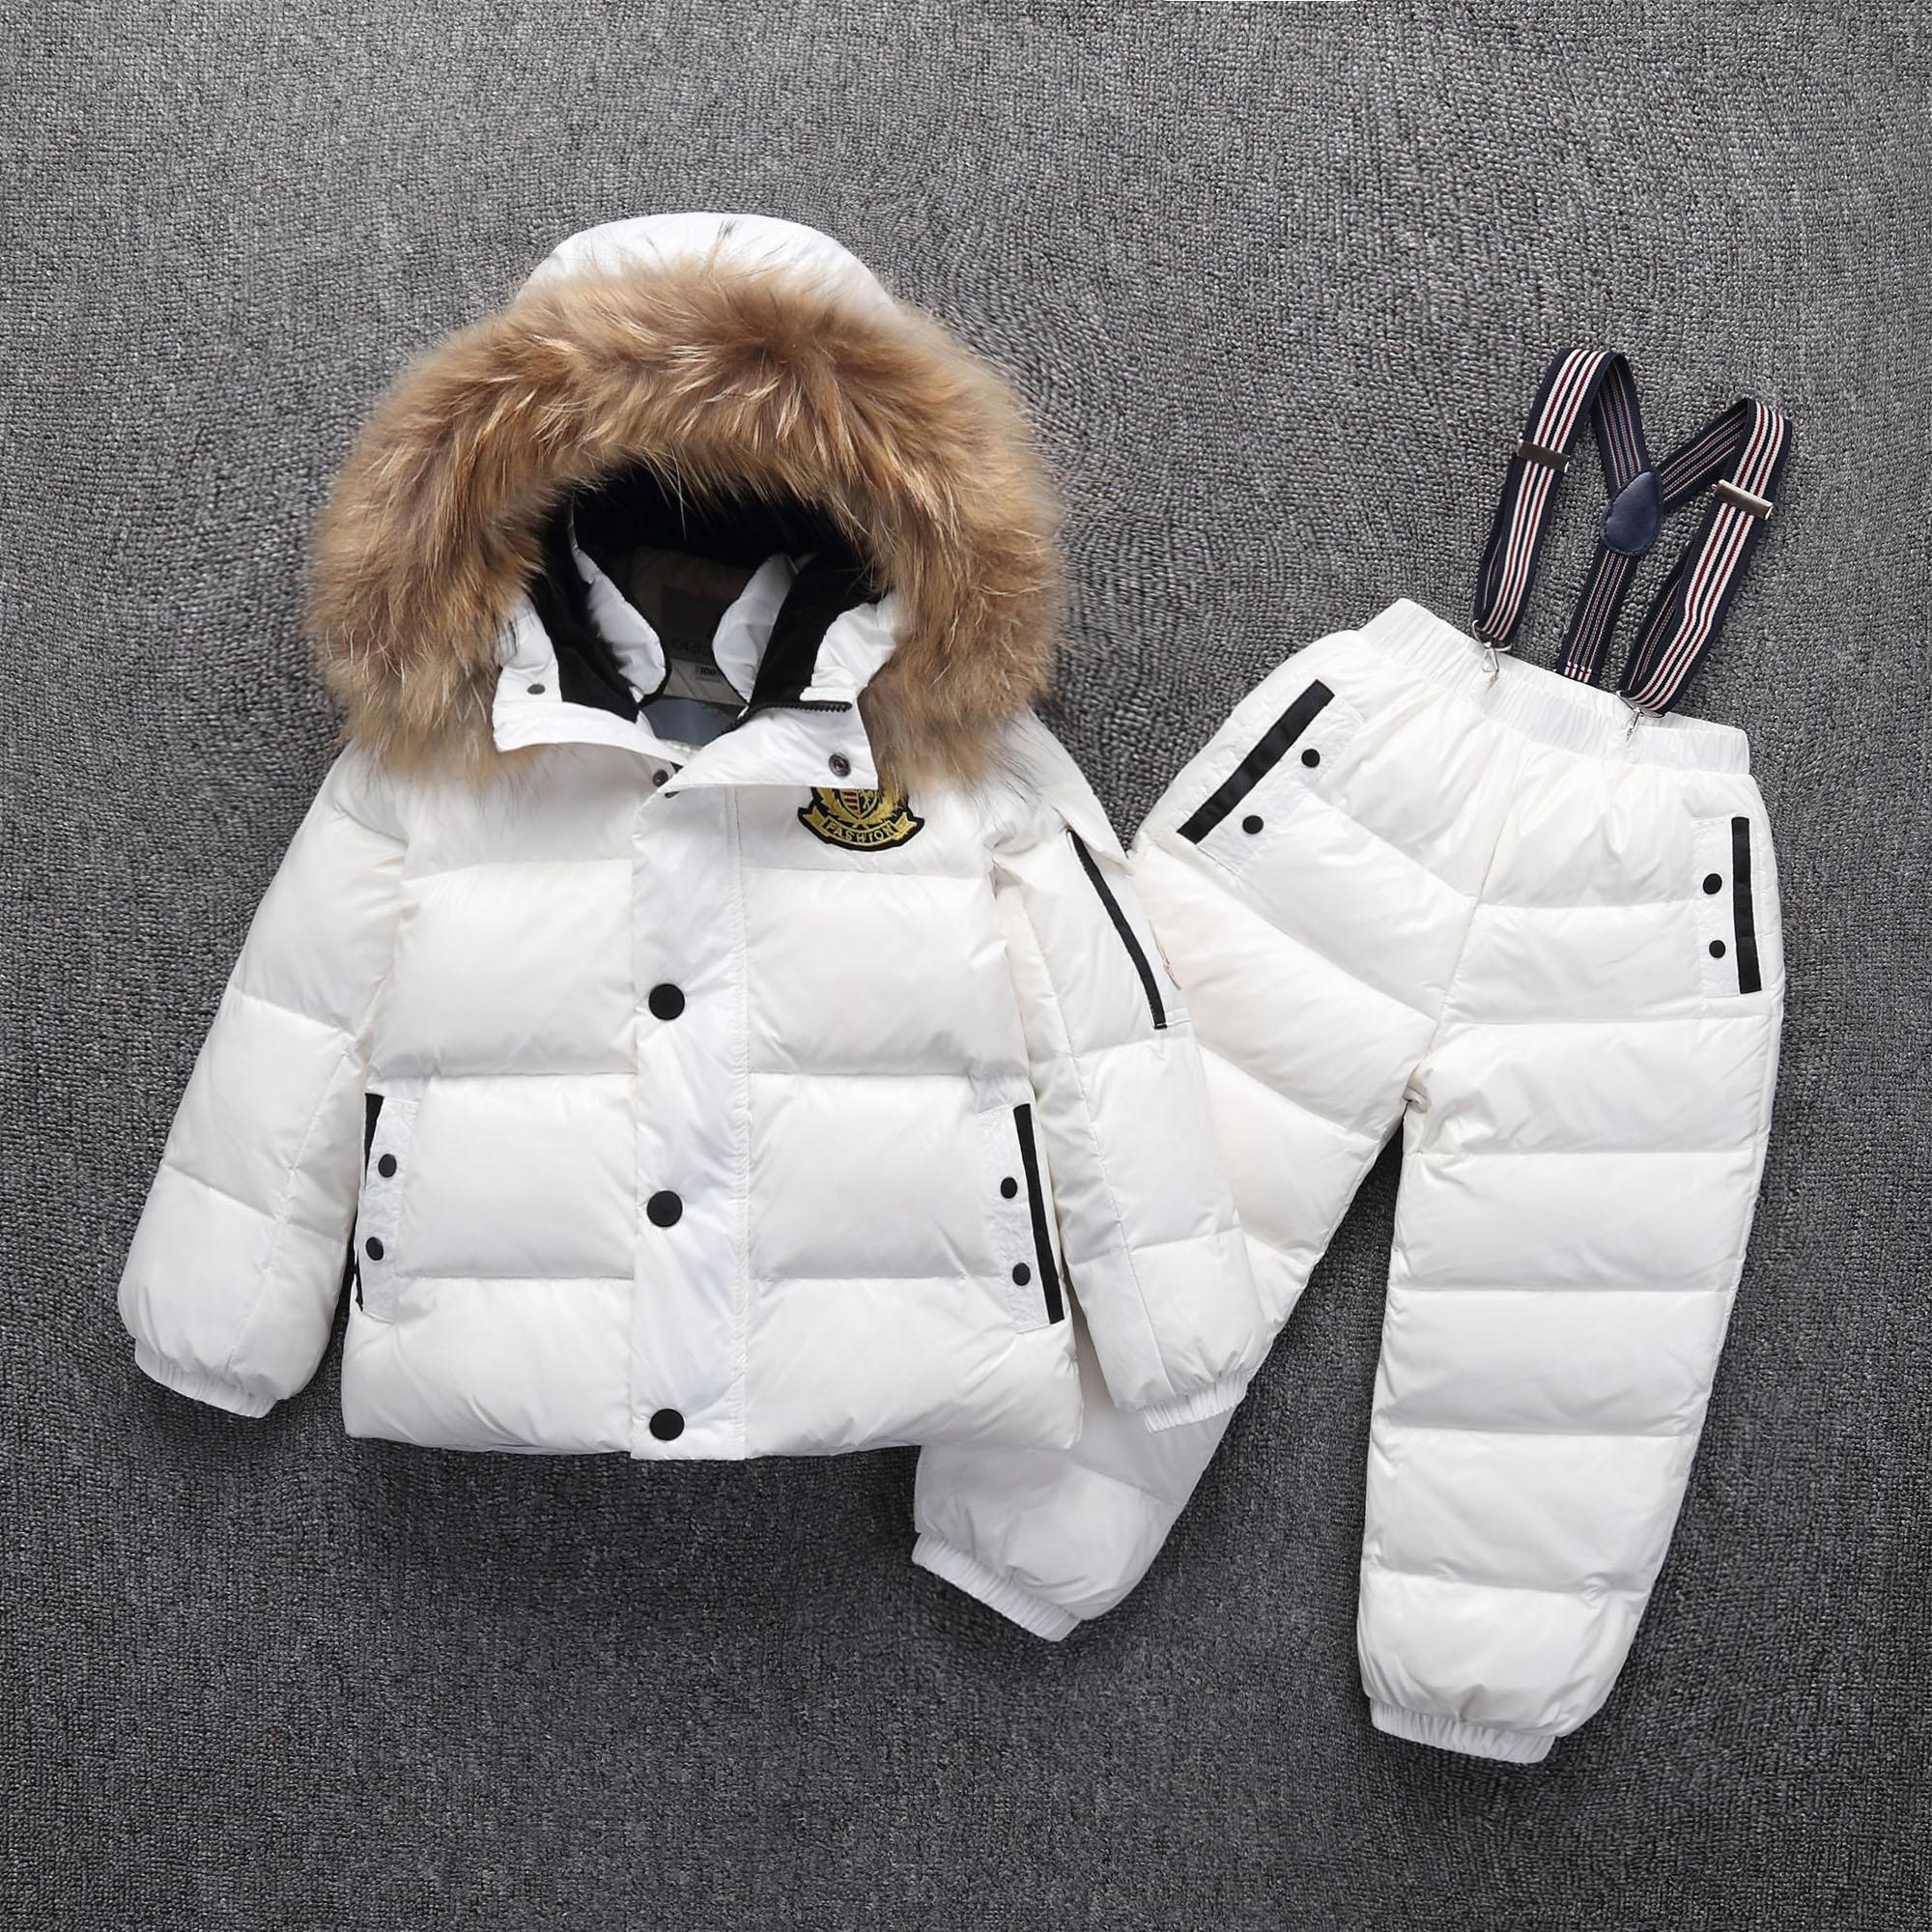 2019 enfants vêtements garçon fille canard en duvet de fourrure à capuche détachable veste enfant en bas âge filles hiver chaud manteau 2 pièces costume imperméable à l'eau